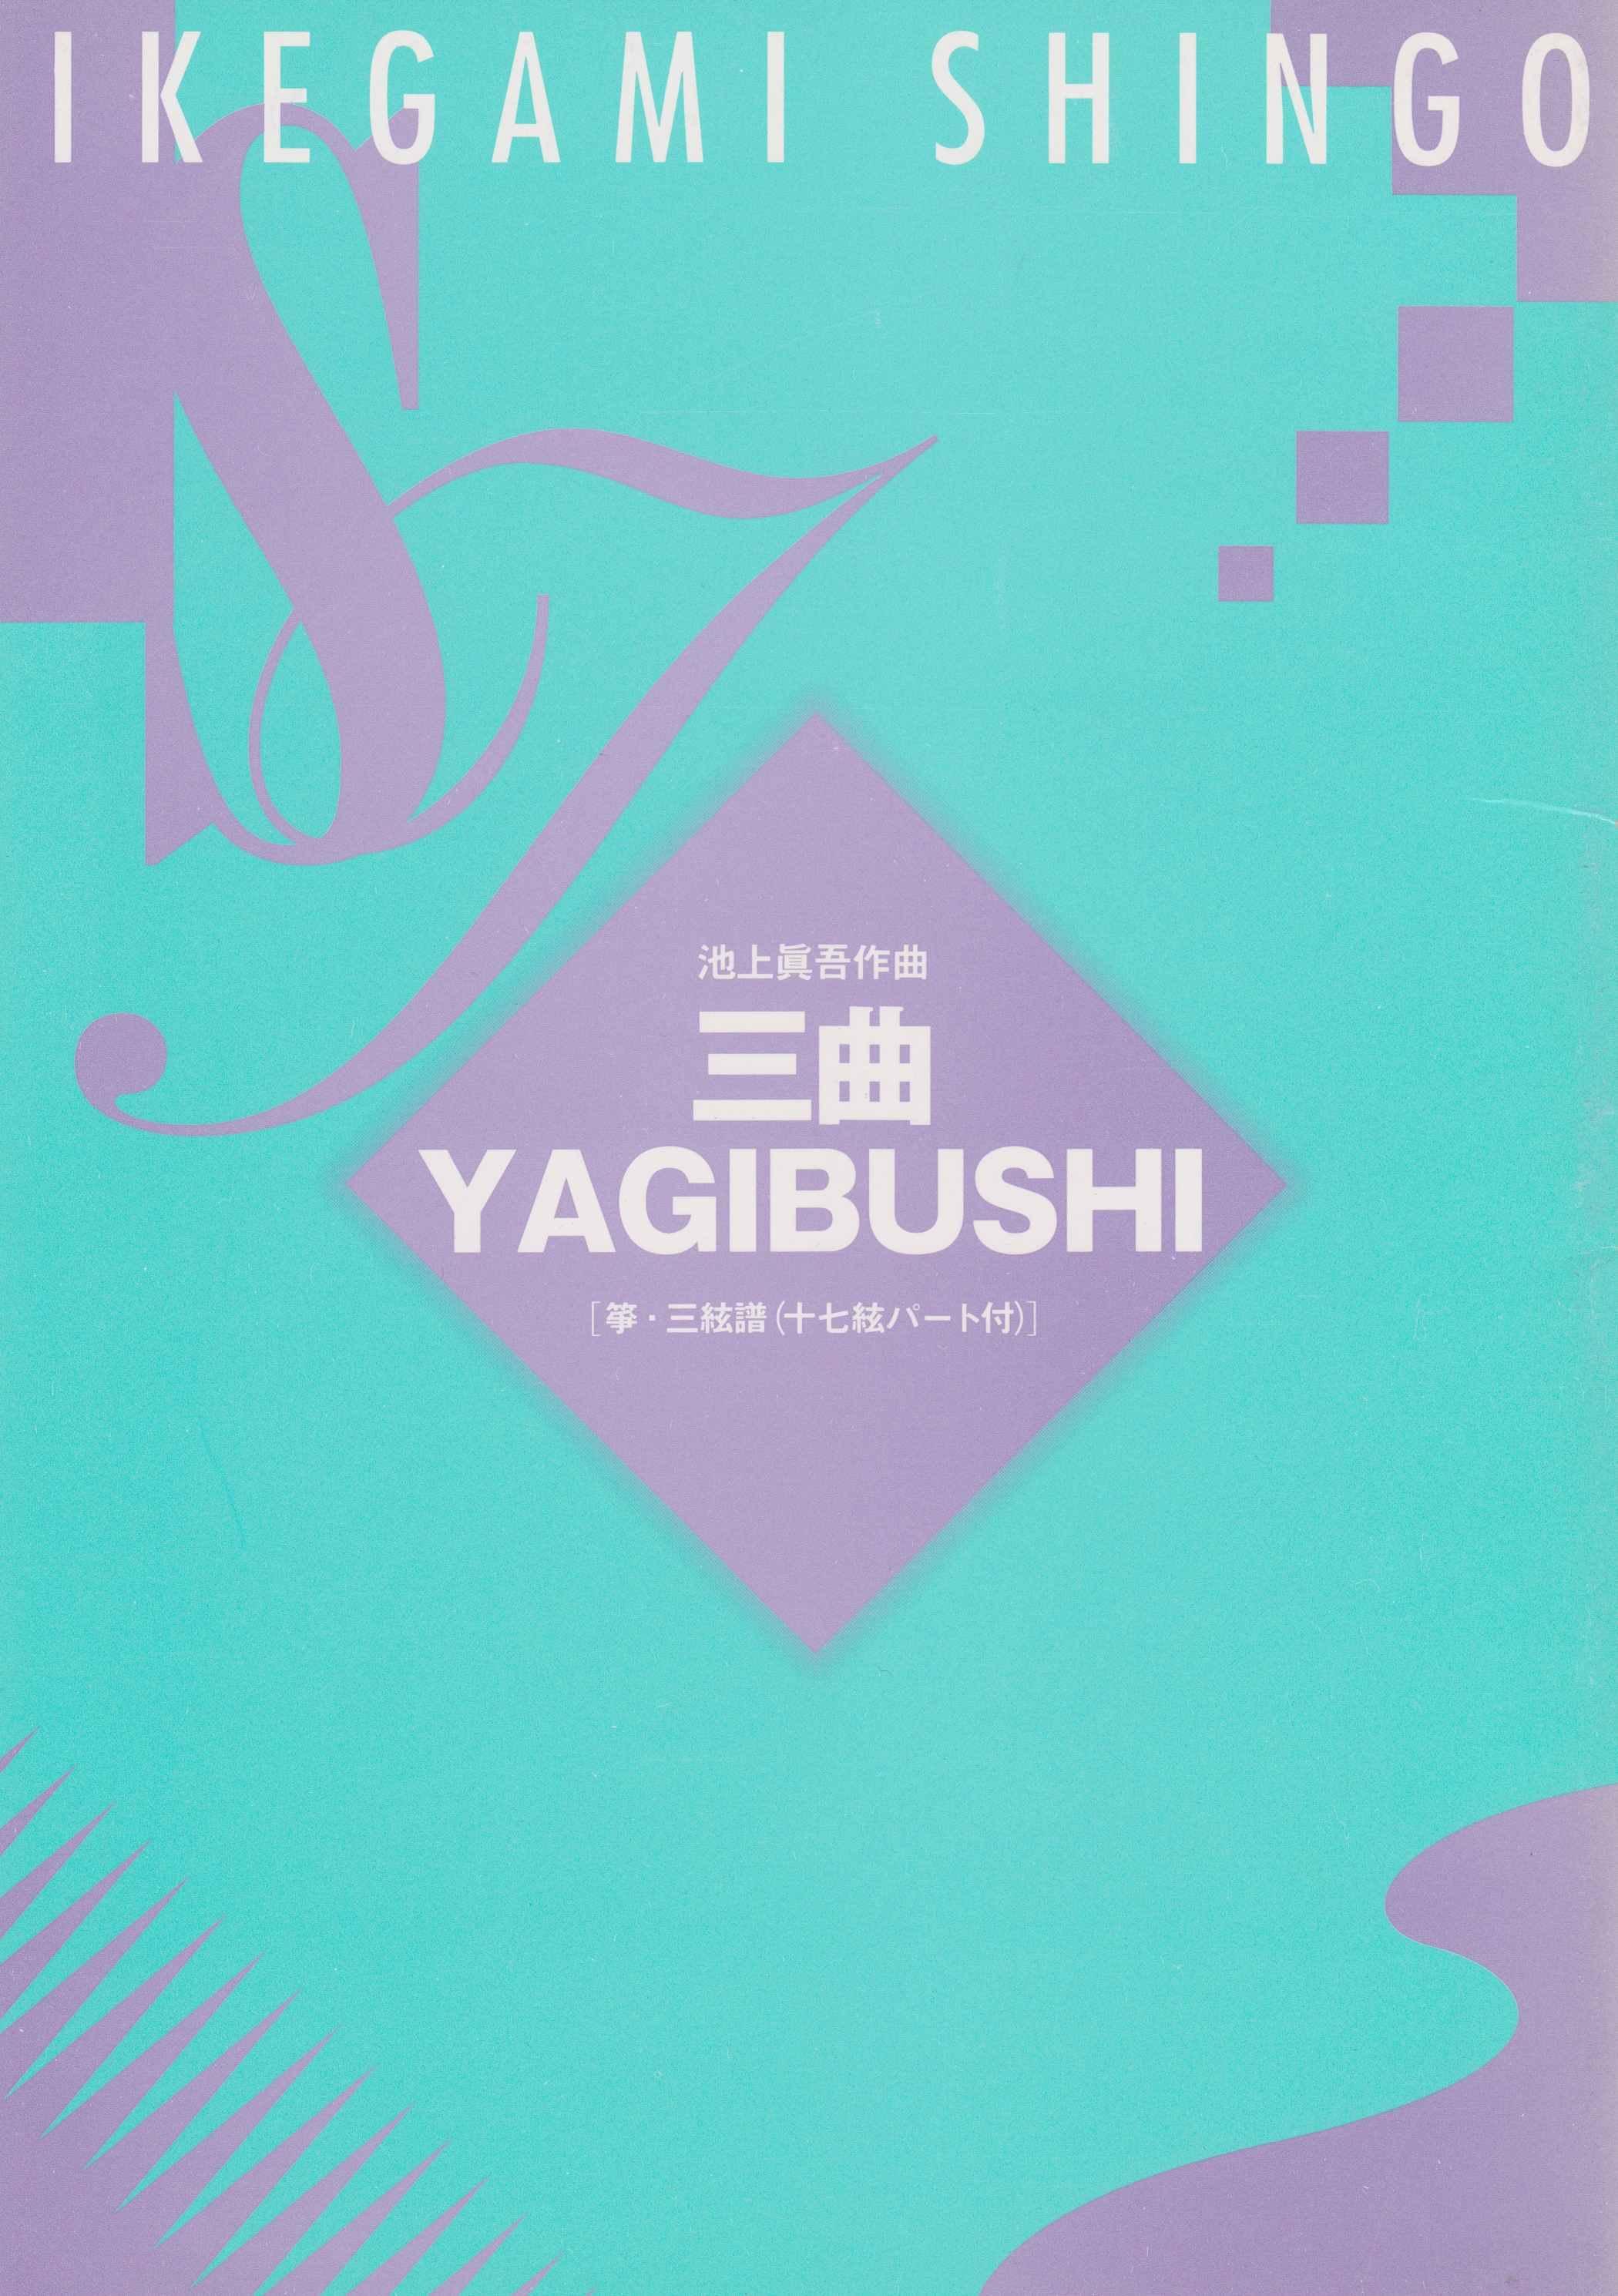 三曲YAGIBUSHI(箏・三絃・十七絃)[5064-1]